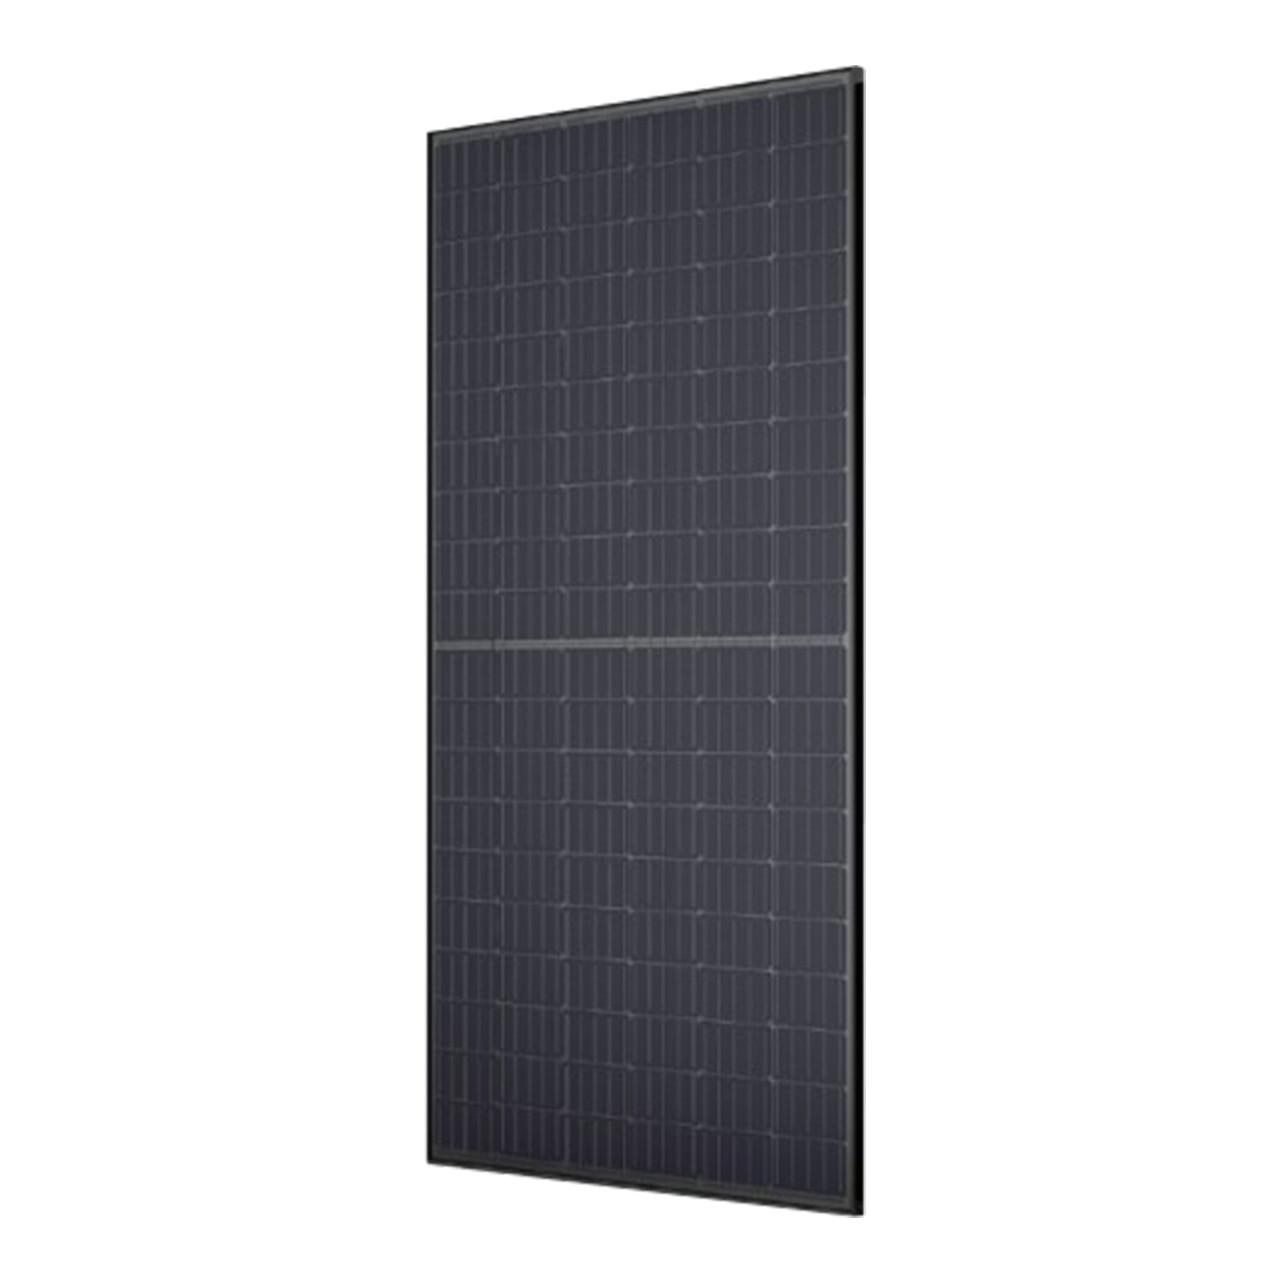 8kw Solar Kit Trina 310 Solaredge Hd Inverter